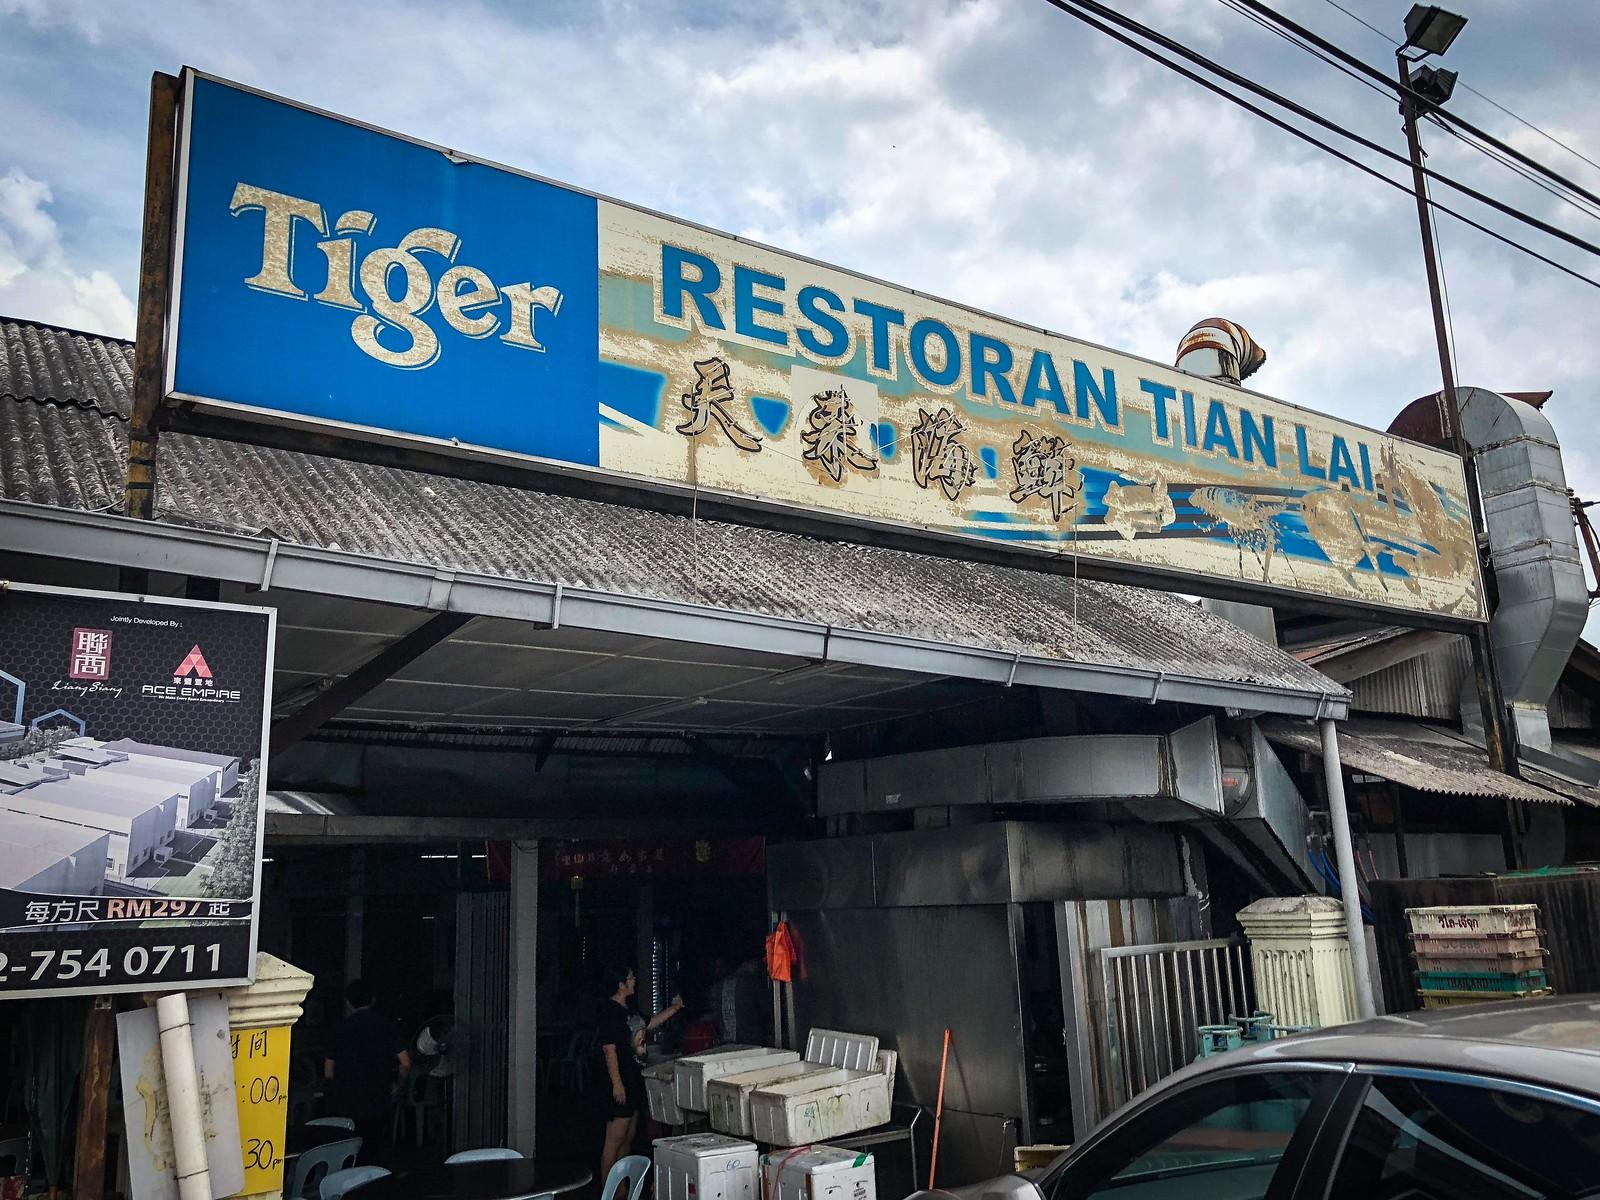 Restoran Tian Lai